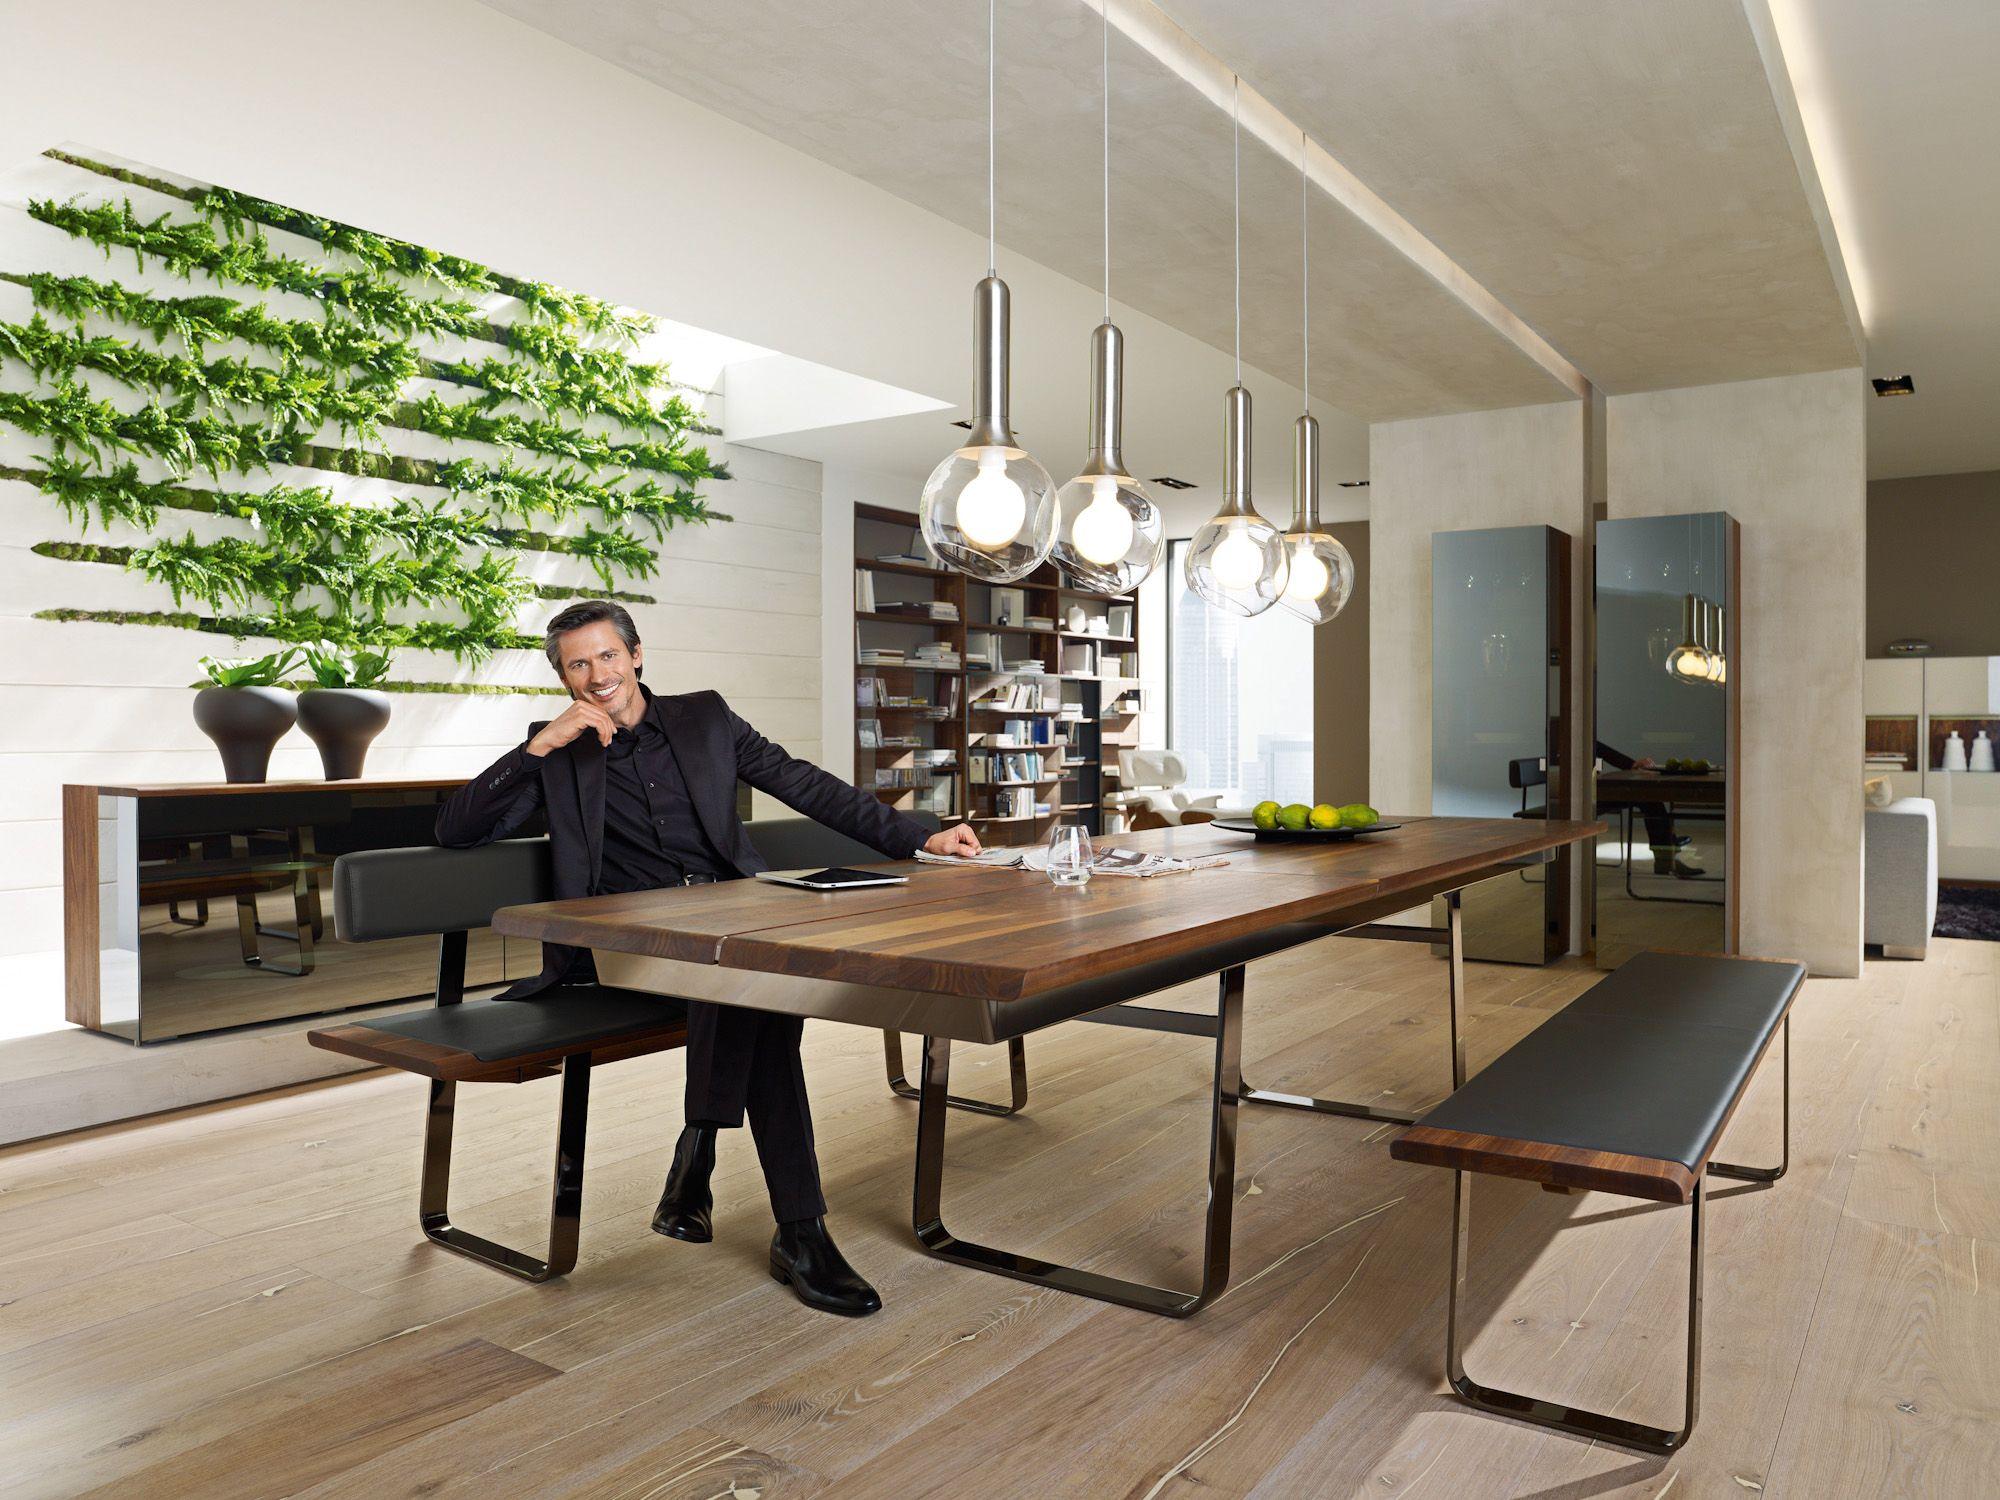 esszimmer holz nussbaum massiv esstisch vitrine sideboard bei m bel morschett. Black Bedroom Furniture Sets. Home Design Ideas